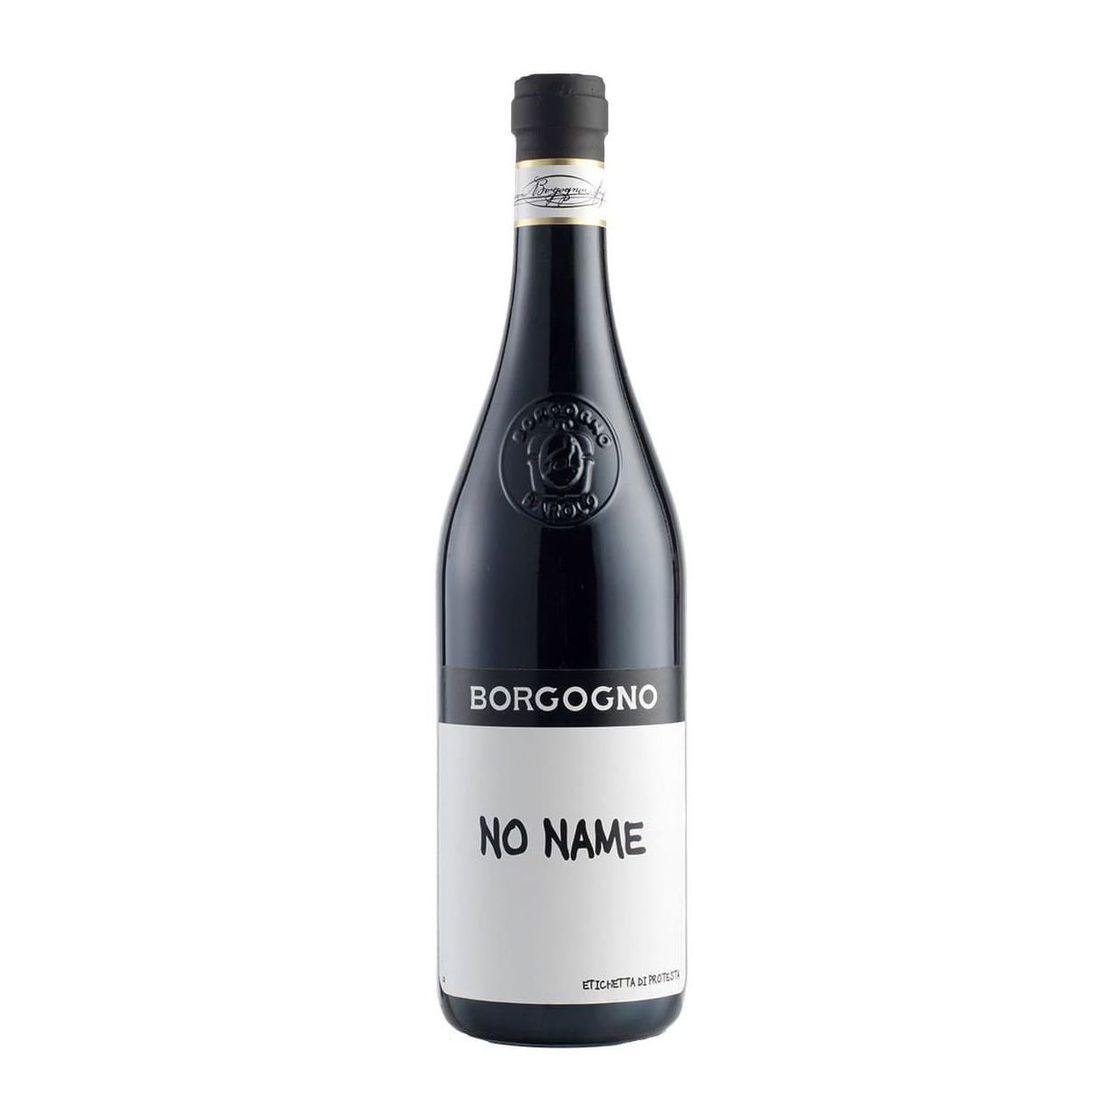 No Name Langhe Nebbiolo 2015 Borgogno